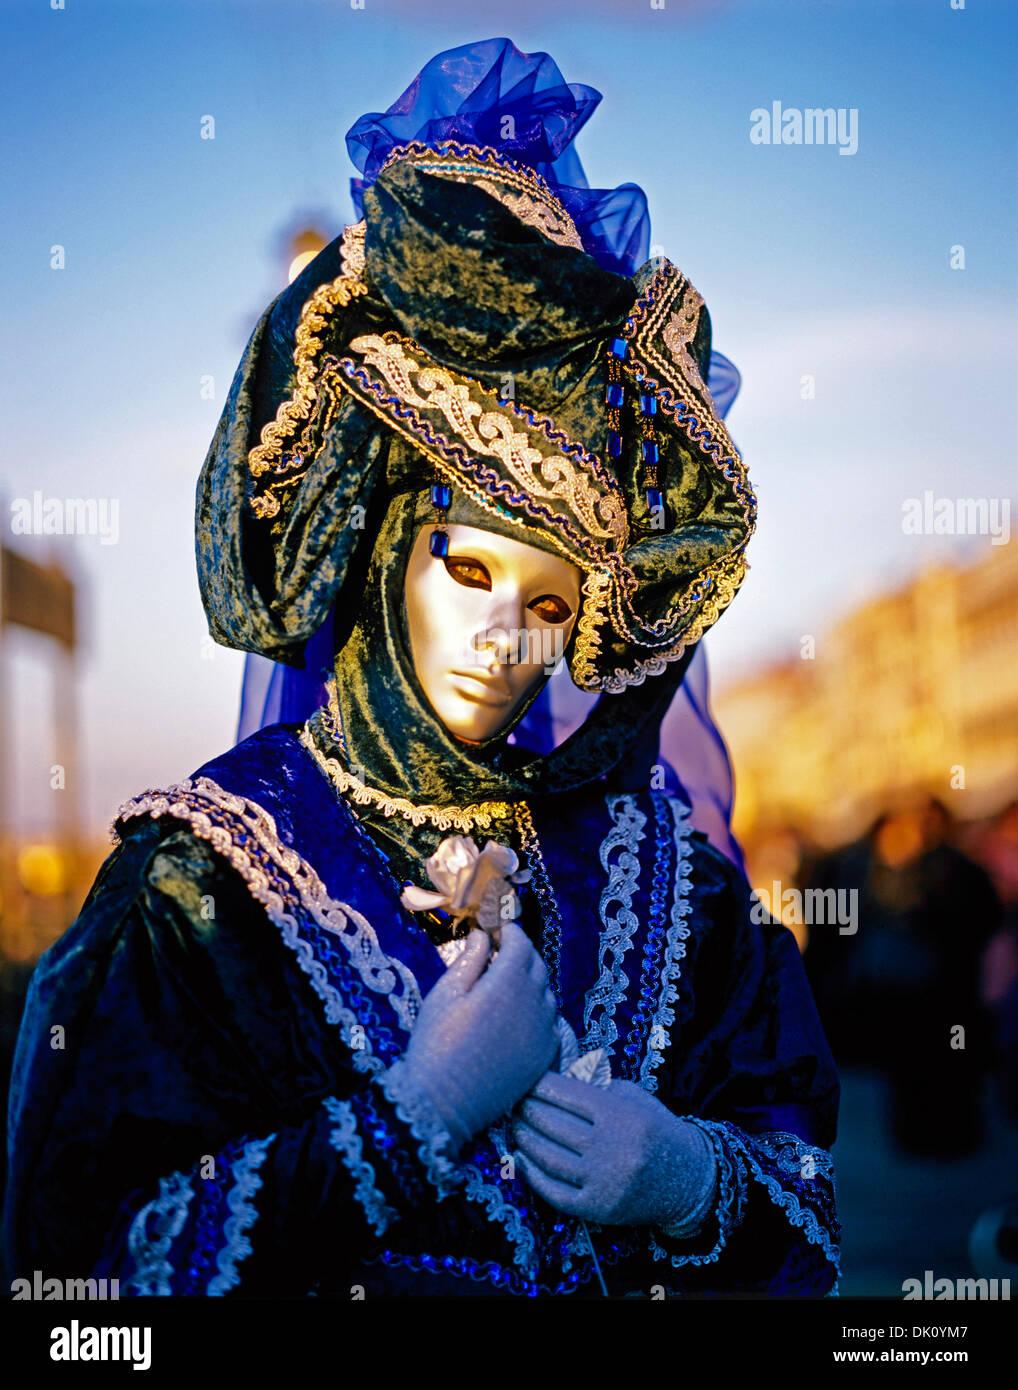 Teilnehmer in Tracht bei der jährlichen maskiert Karneval, Venedig, Italien, Europa Stockbild